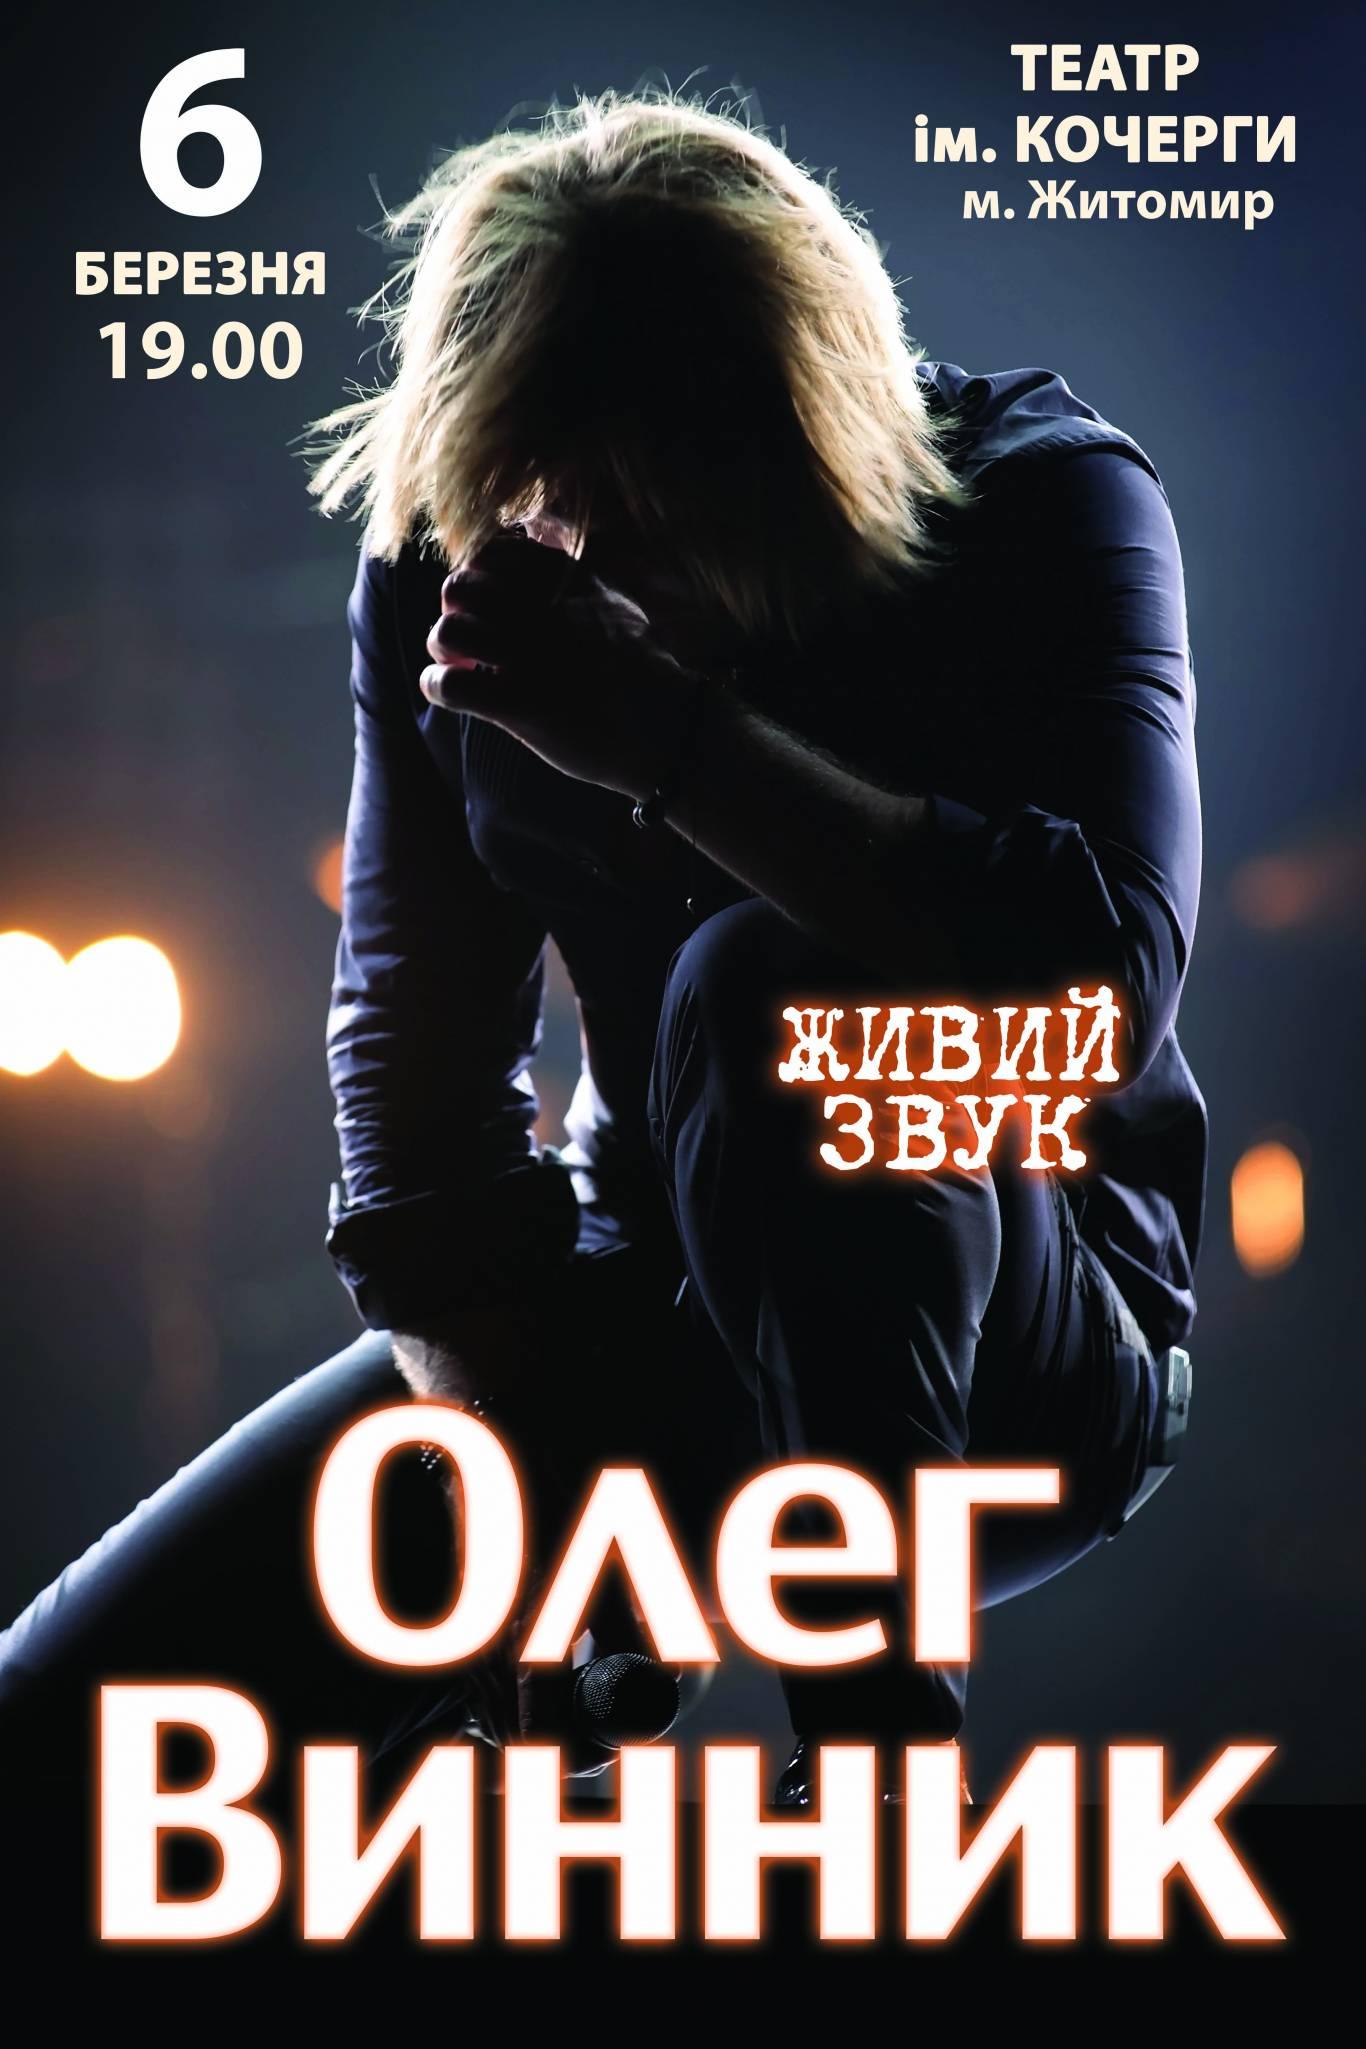 Концерт Олега Вінника